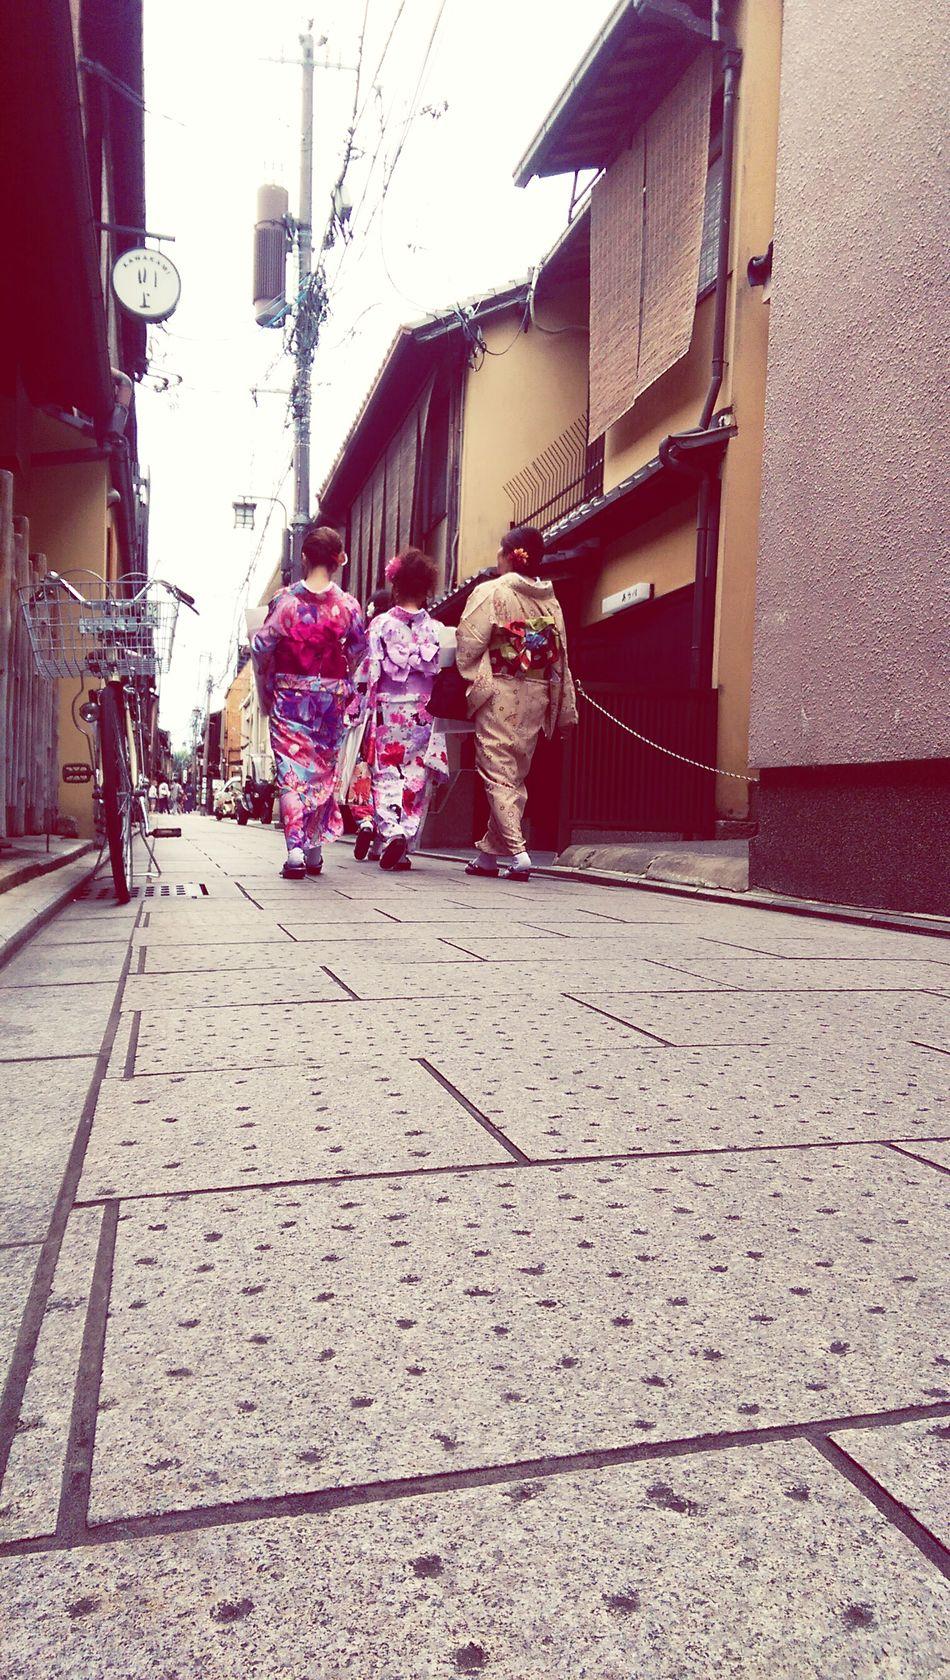 穿越時空,古代表演藝術者的憂愁,與現代商機的體驗感受 日本清水寺!!!! 藝妓 First Eyeem Photo